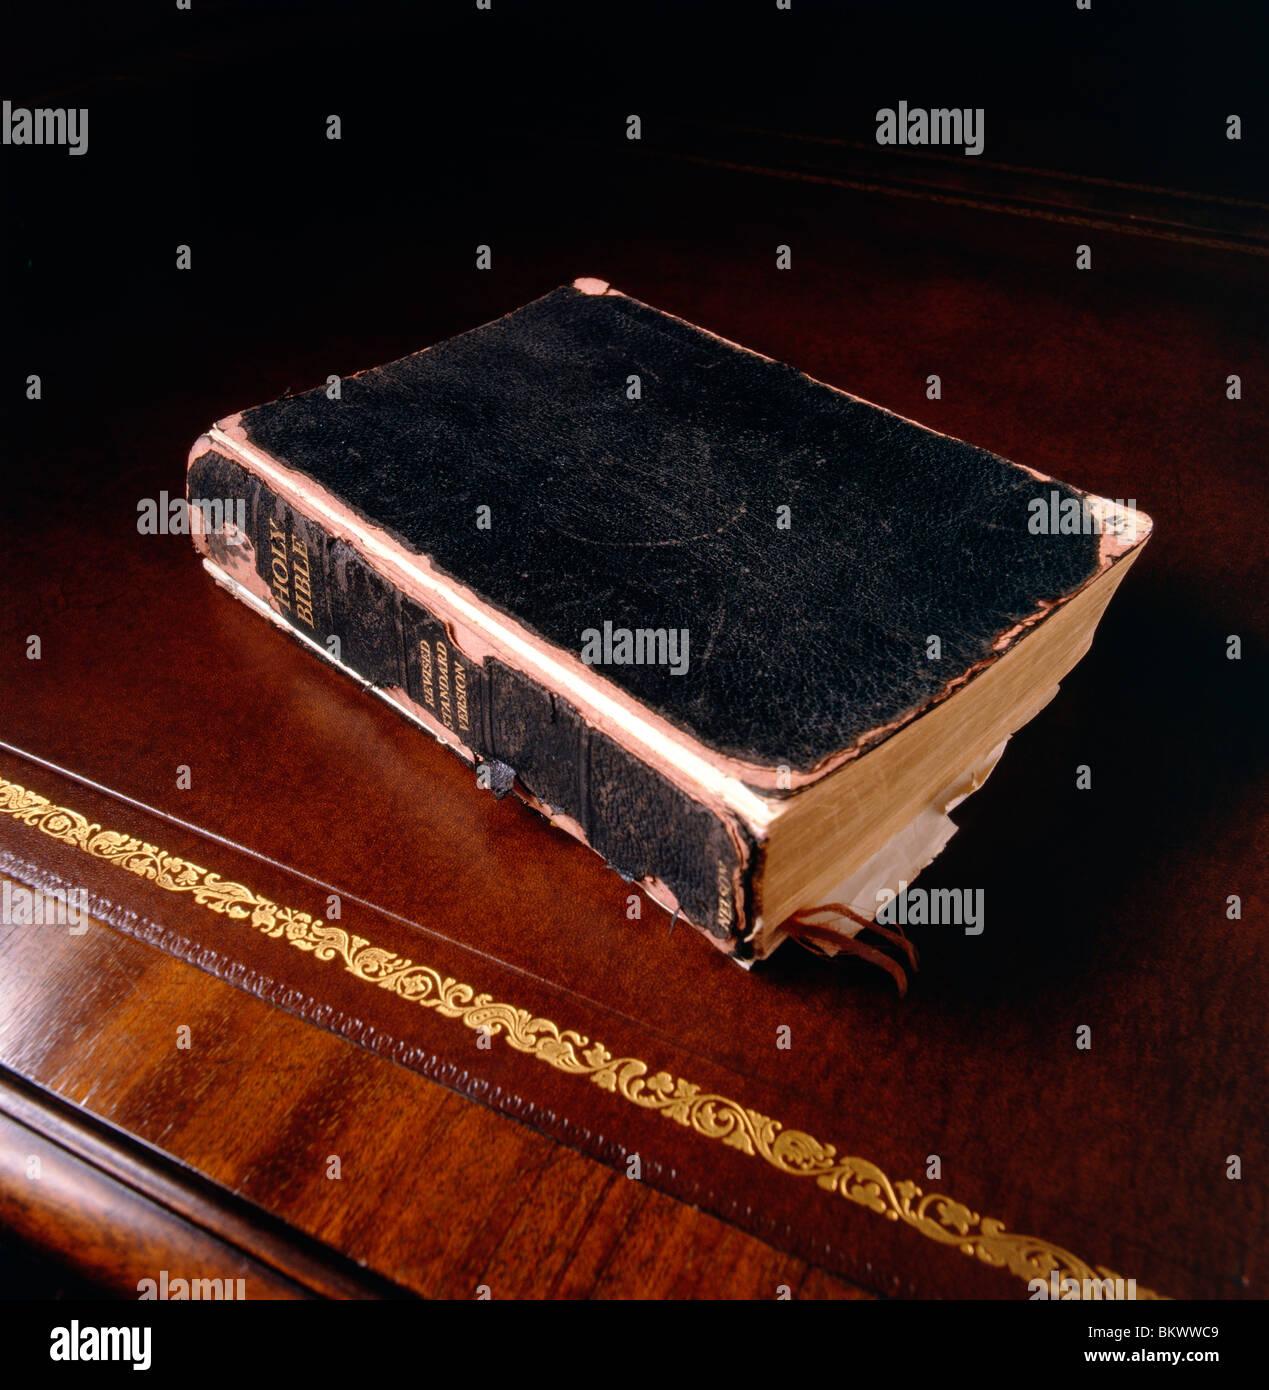 Stillleben-Studie der Bibel auf eine Antik-Leder Top Schreibtisch Stockfoto